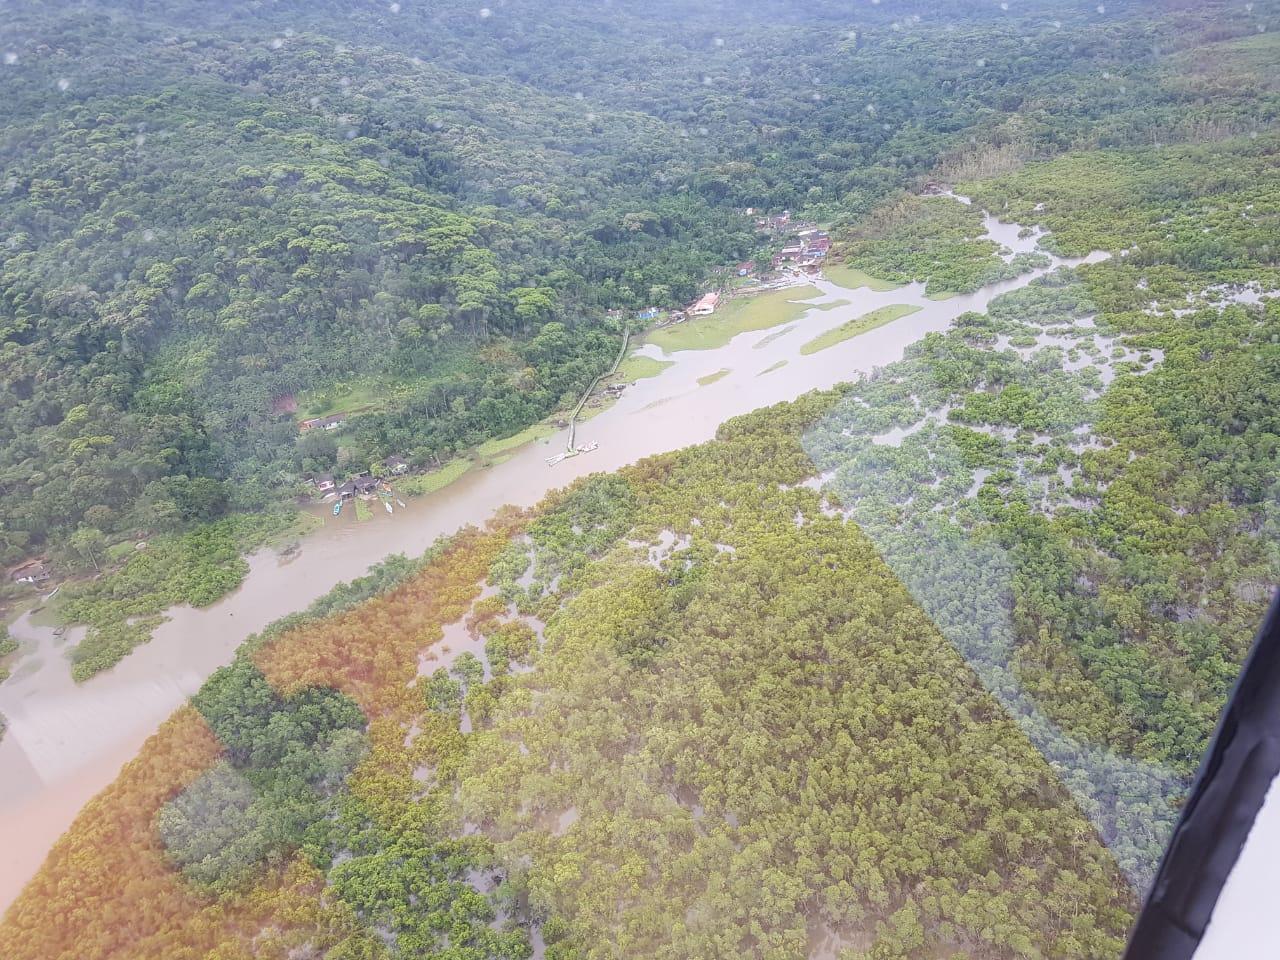 Bombeiros e Defesa Civil sobrevoam região atingida por forte temporal no litoral